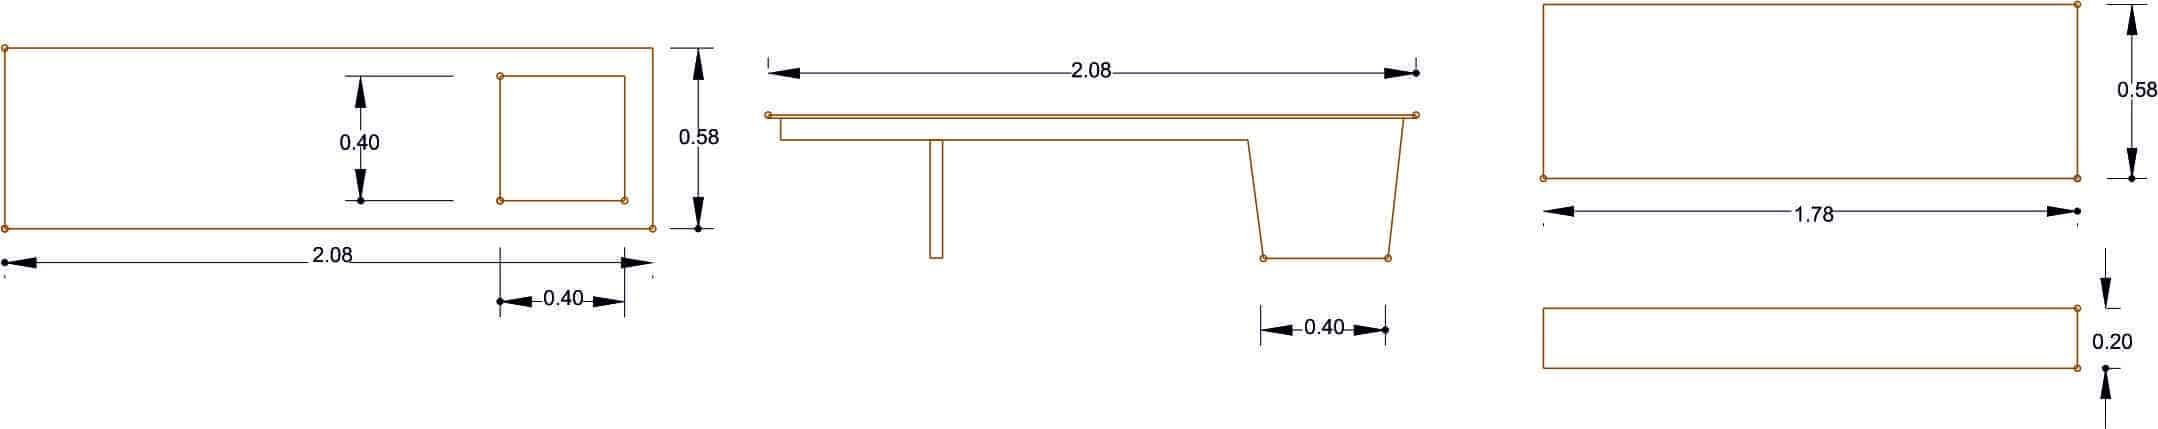 Banco Modelo 5 - Acotaciones